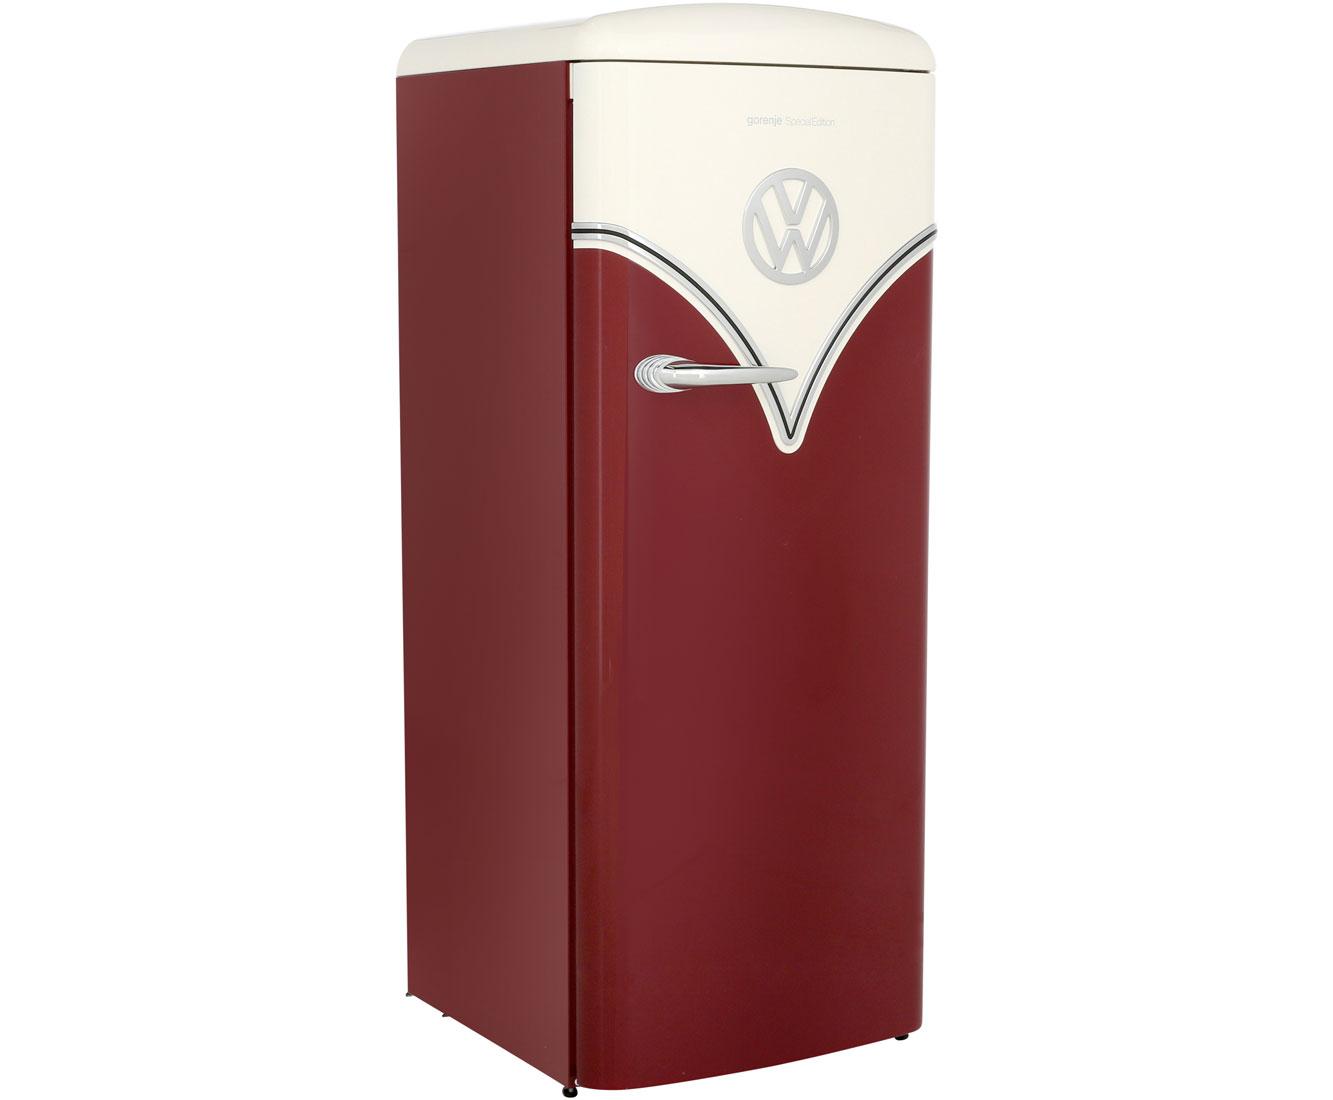 Retro Kühlschrank Notebooksbilliger : Kühlschrank liter warmwasserspeicher liter liter